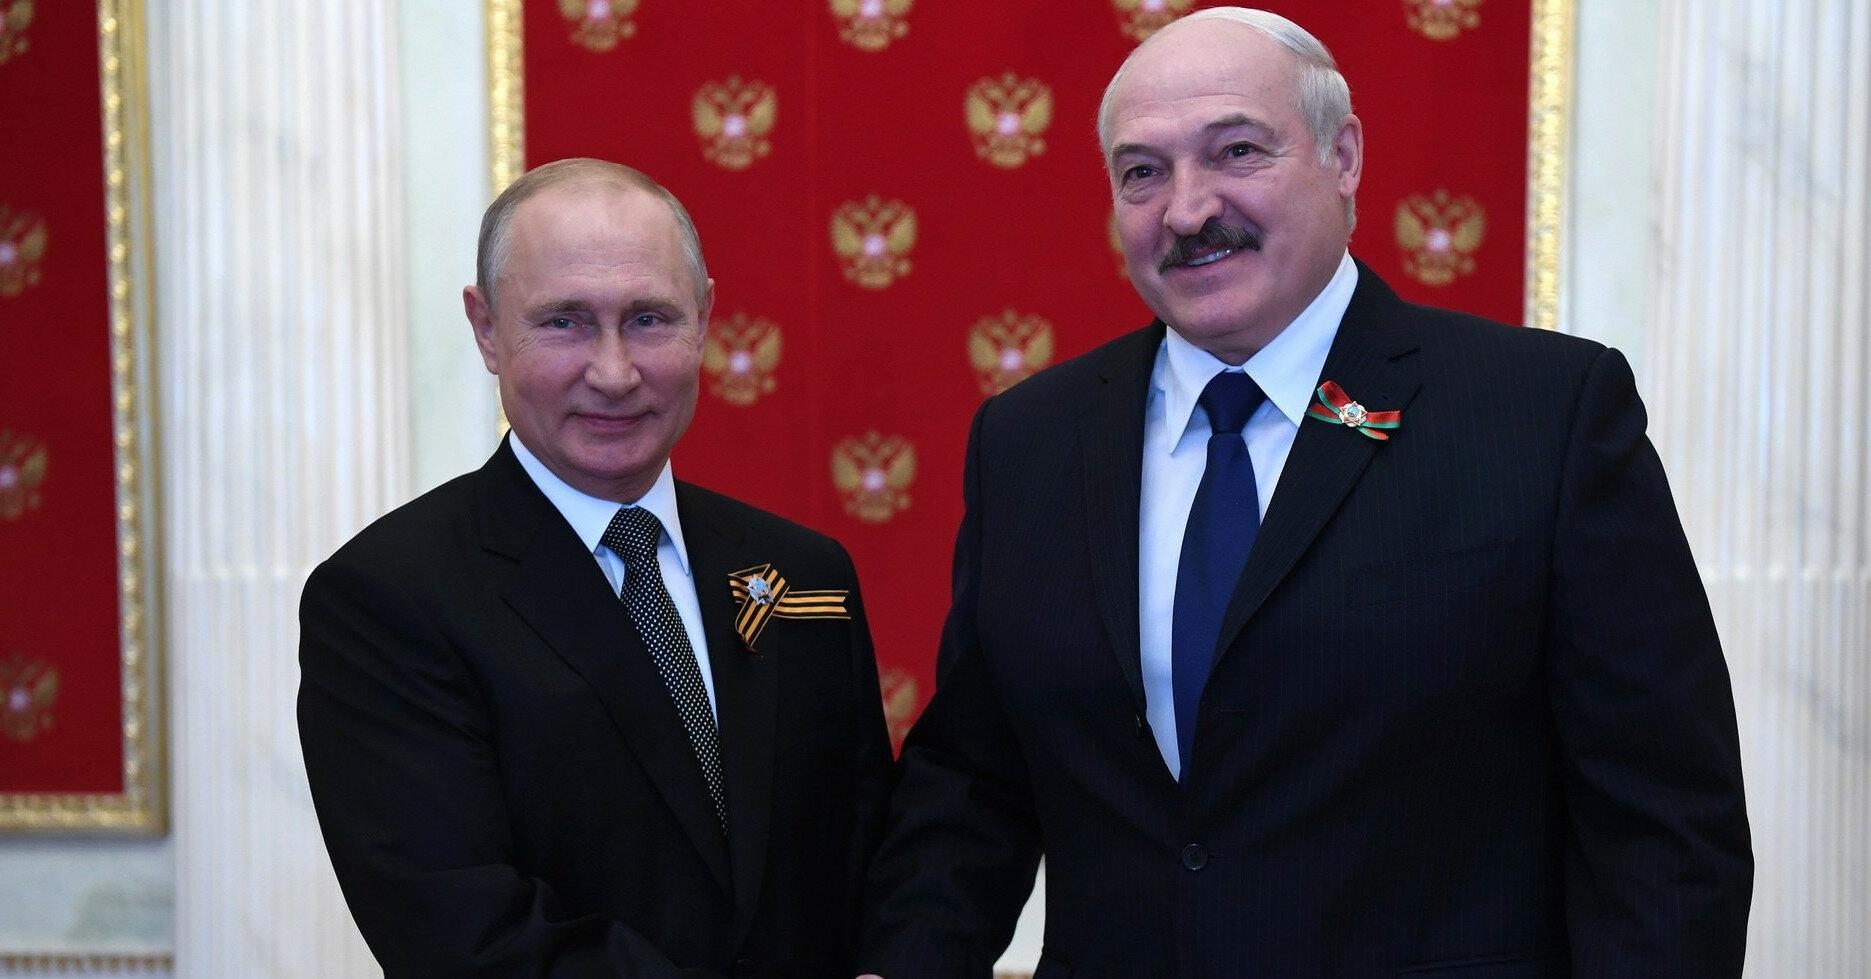 Захід-2021: навіщо Росії військові навчання з Білоруссю